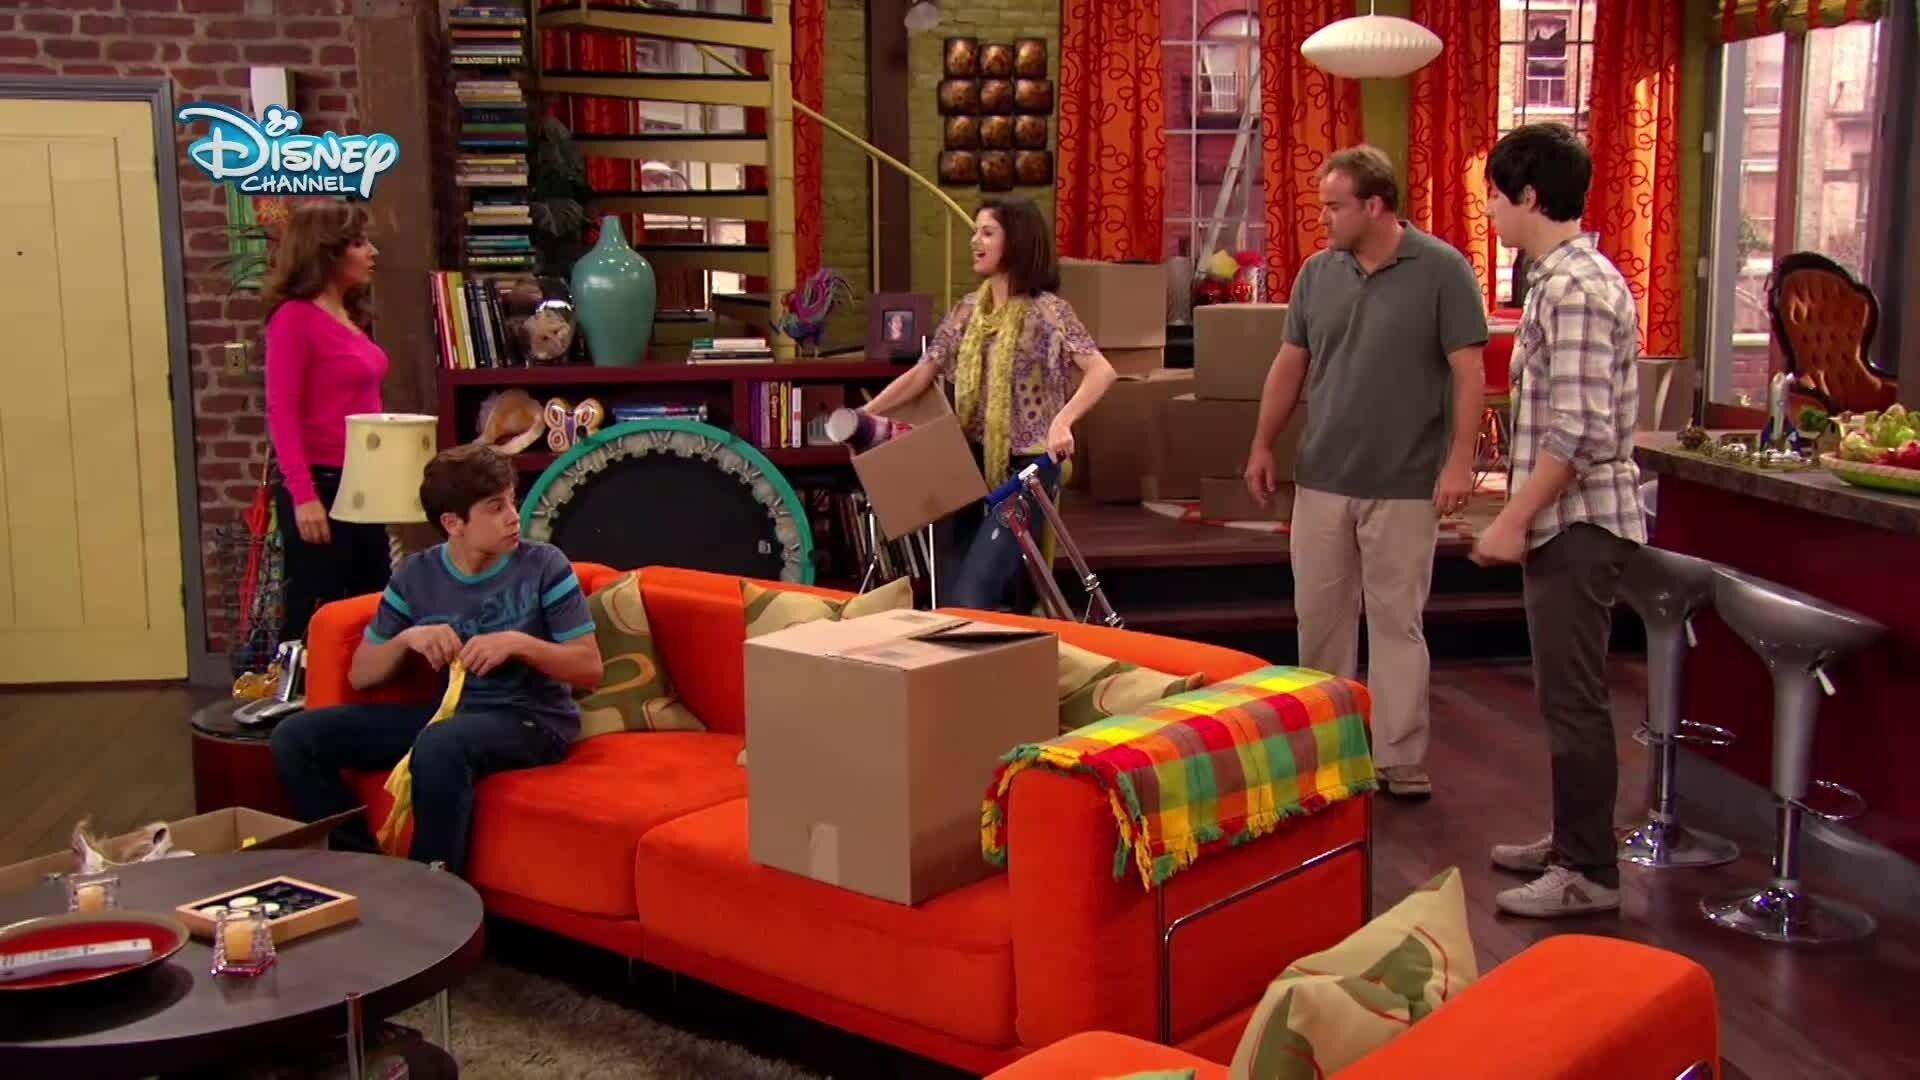 Die Zauberer vom Waverly Place - Familie Russo beim Aufräumen